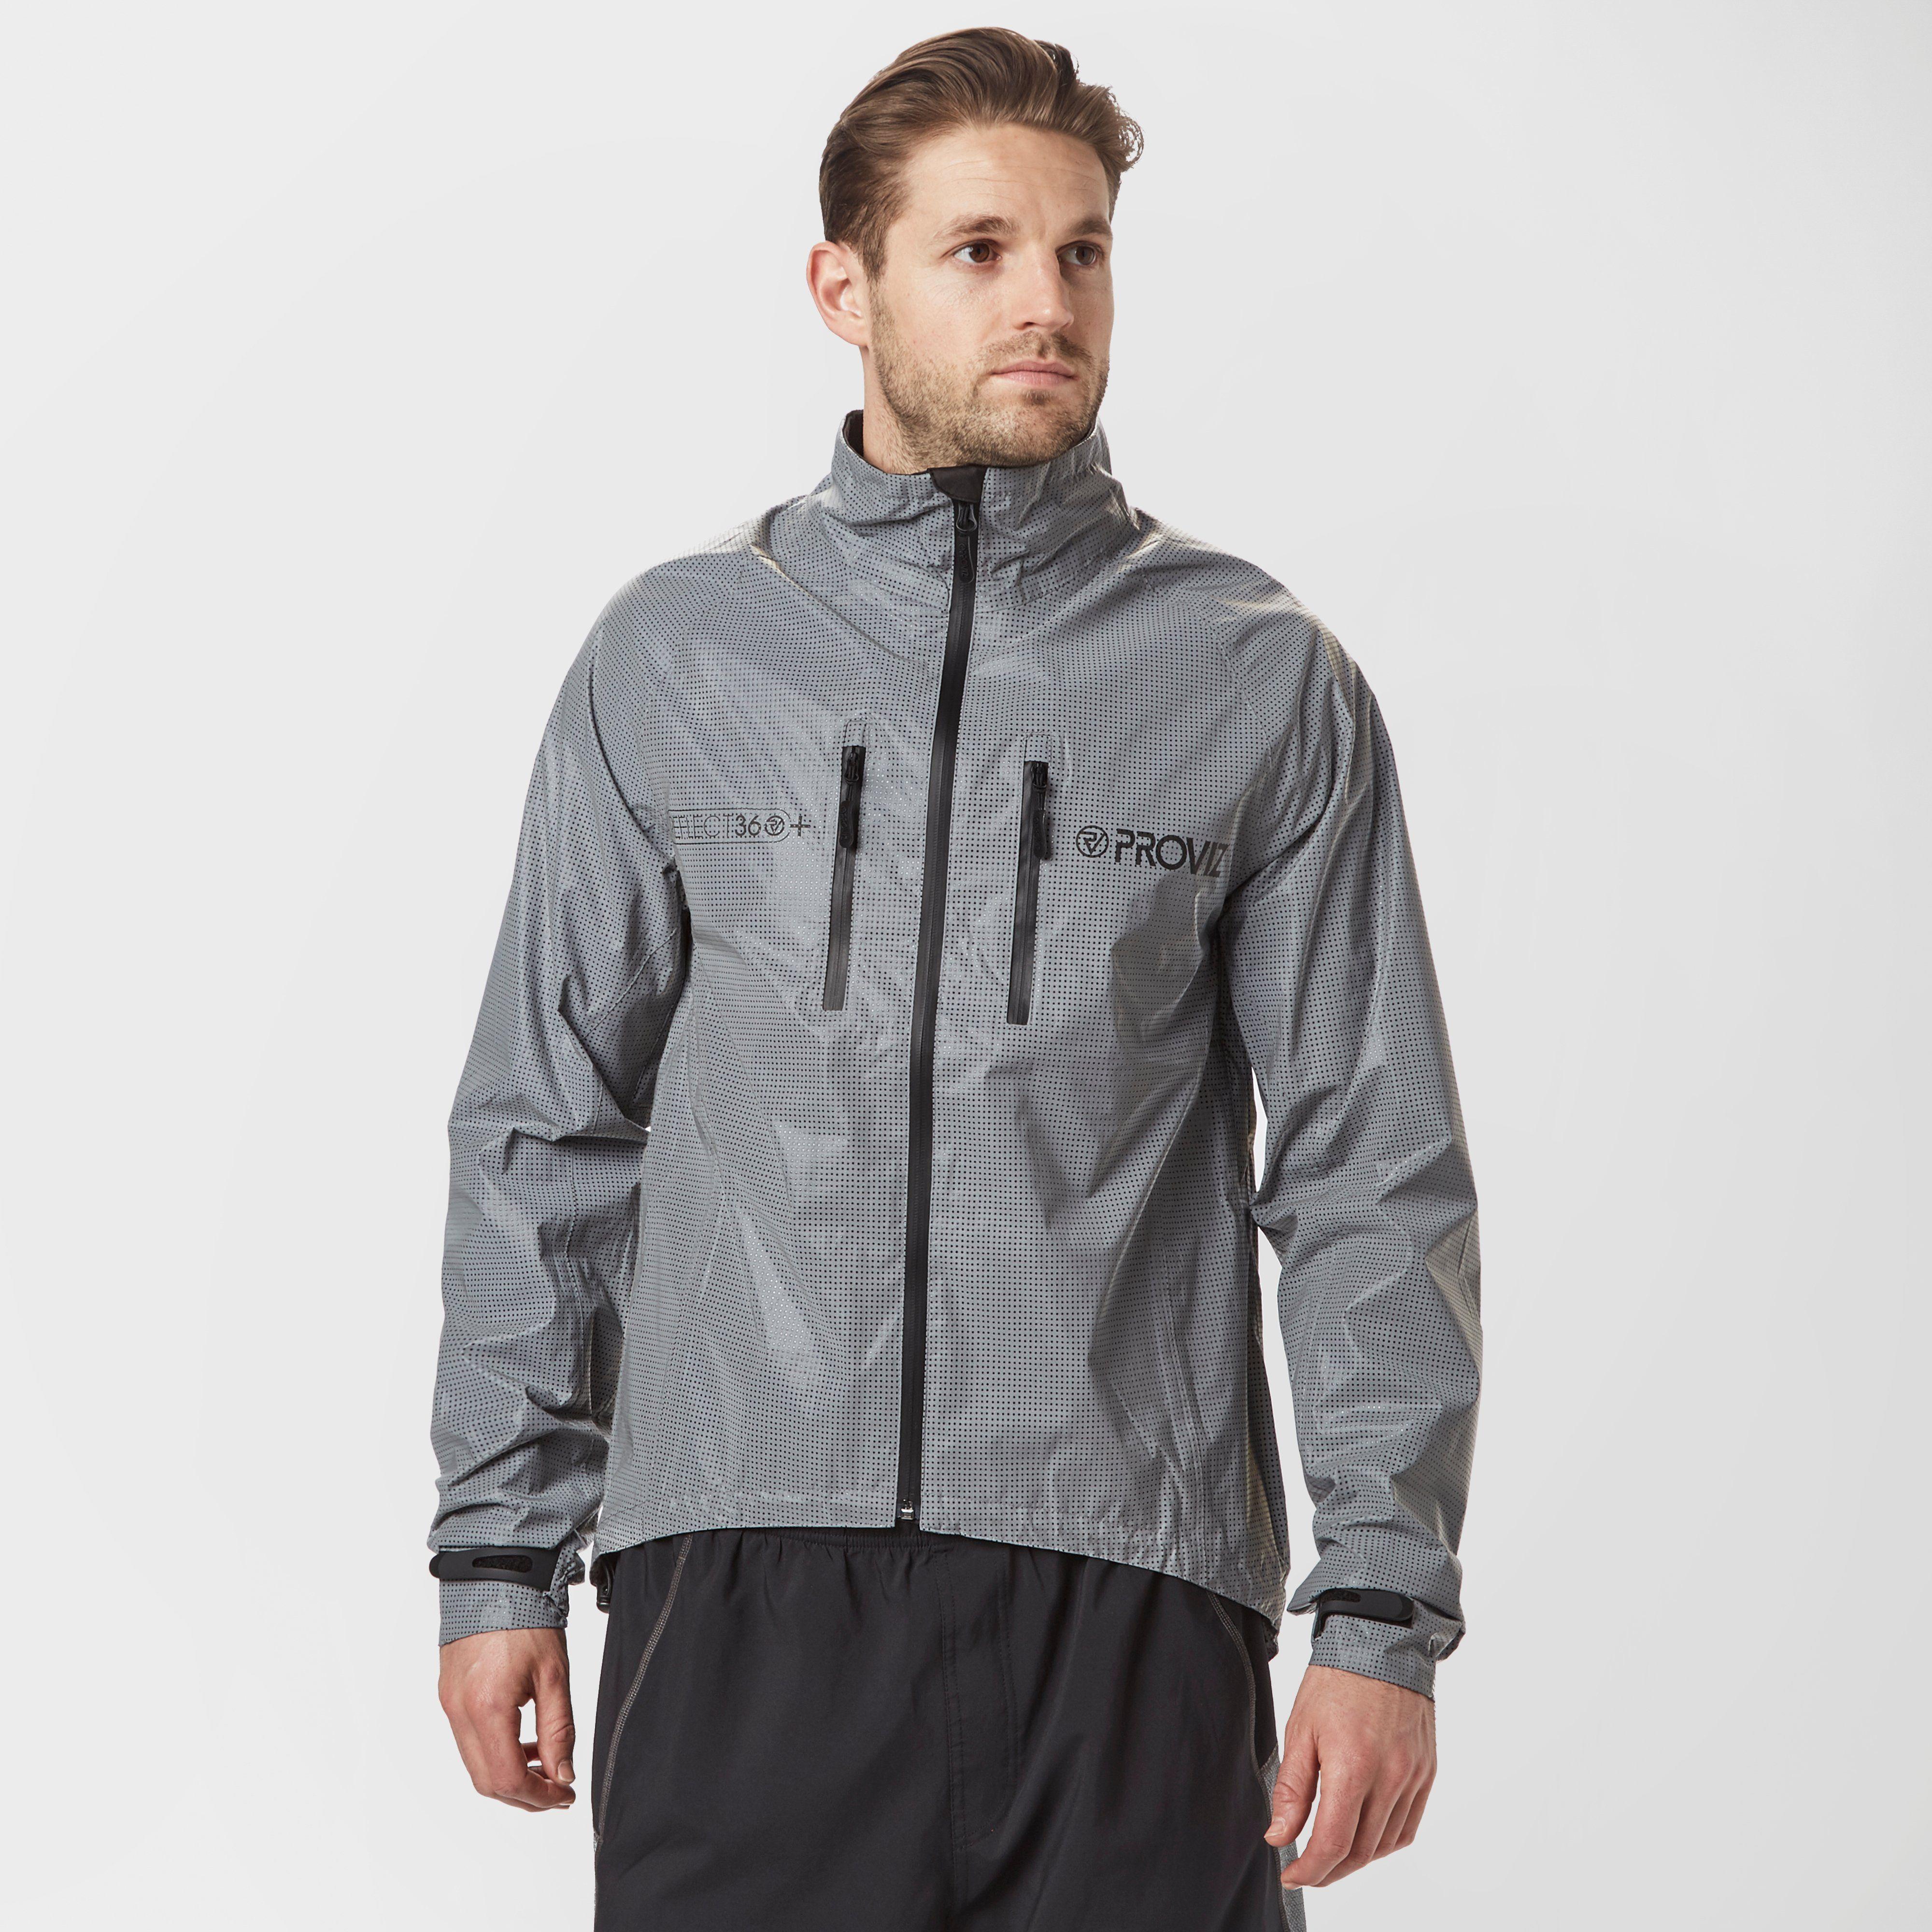 PROVIZ Reflect360 CRS Plus Jacket